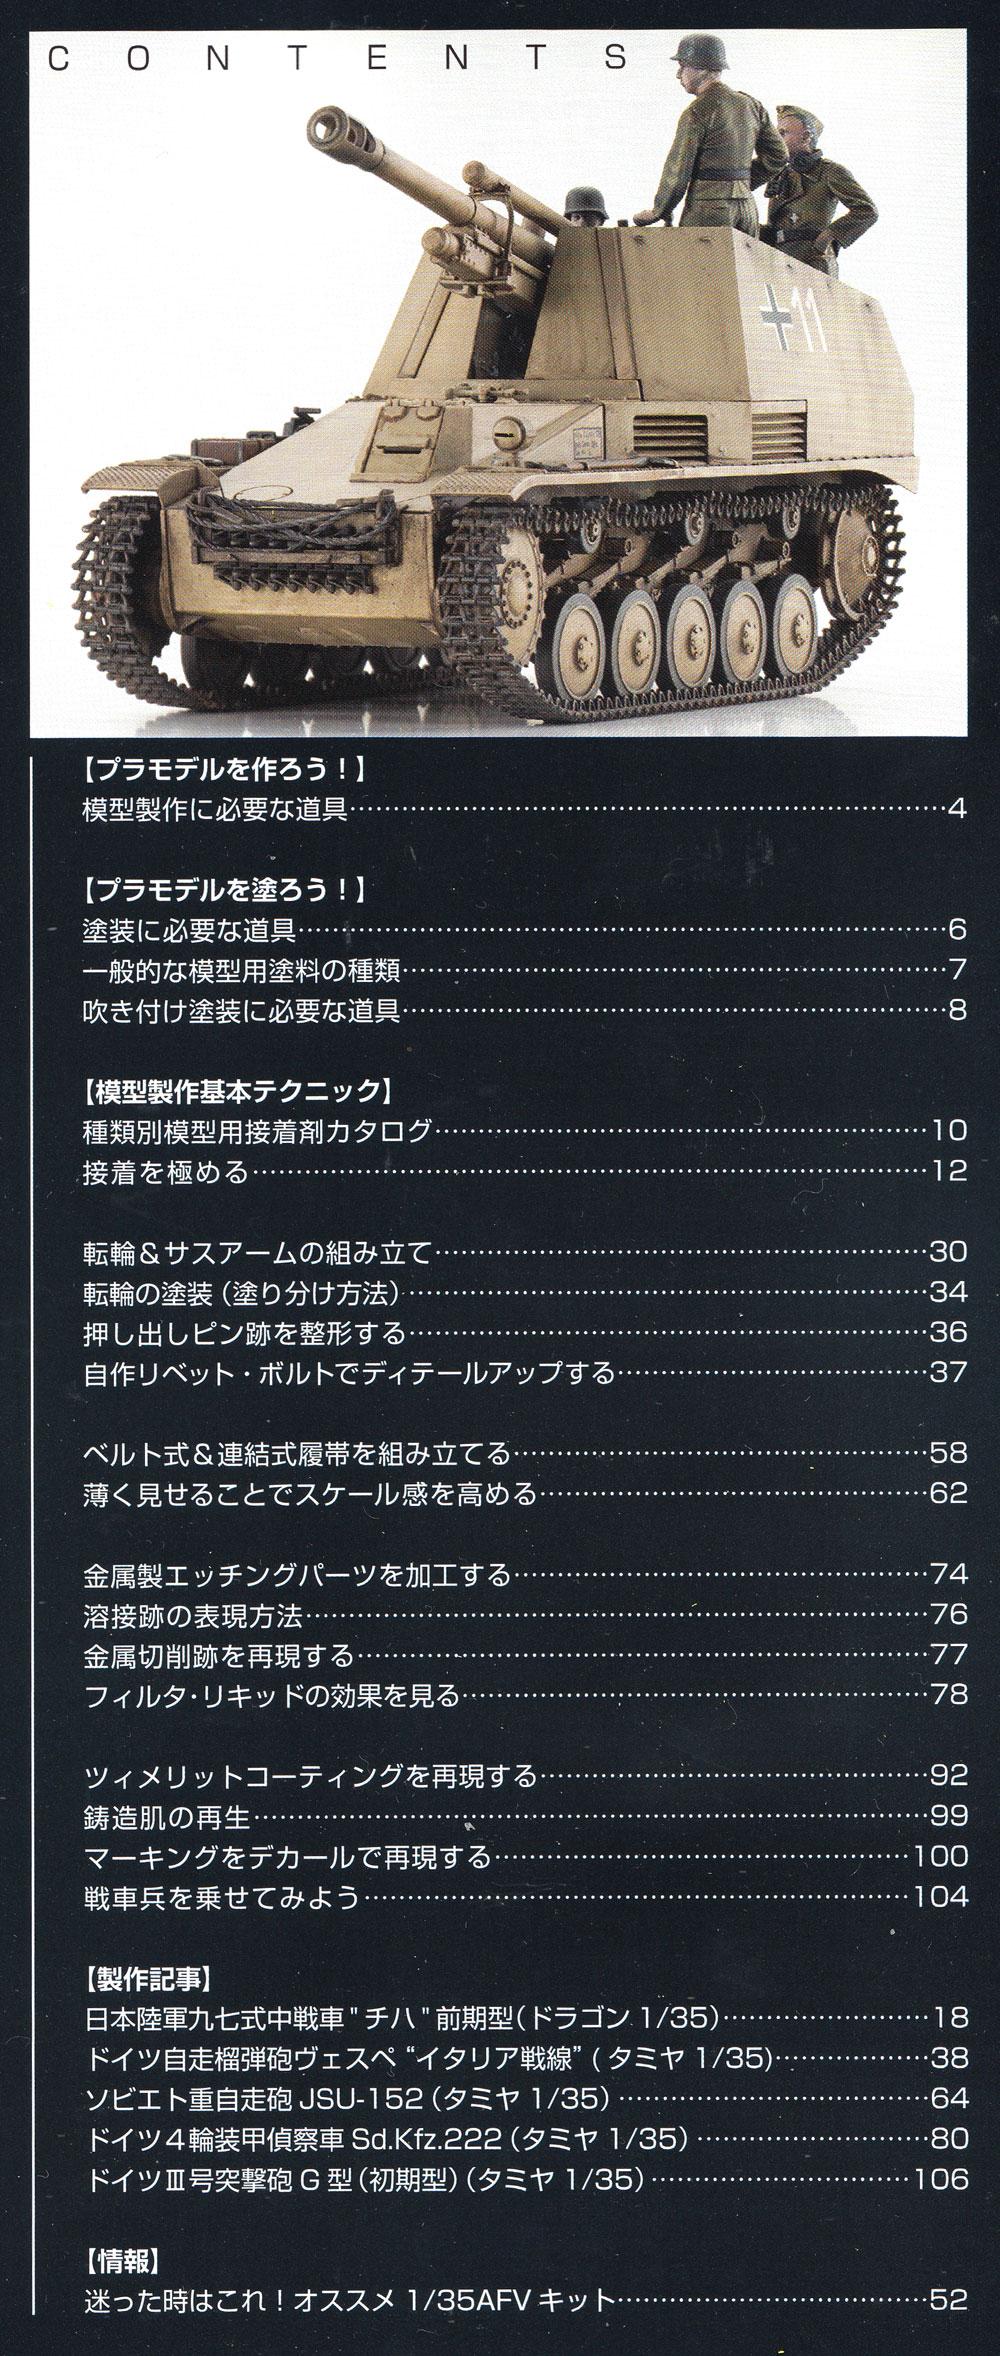 まるわかり! AFVモデルの基本工作 & 時短仕上げテクニック本(モデルアート臨時増刊No.08734-10)商品画像_1